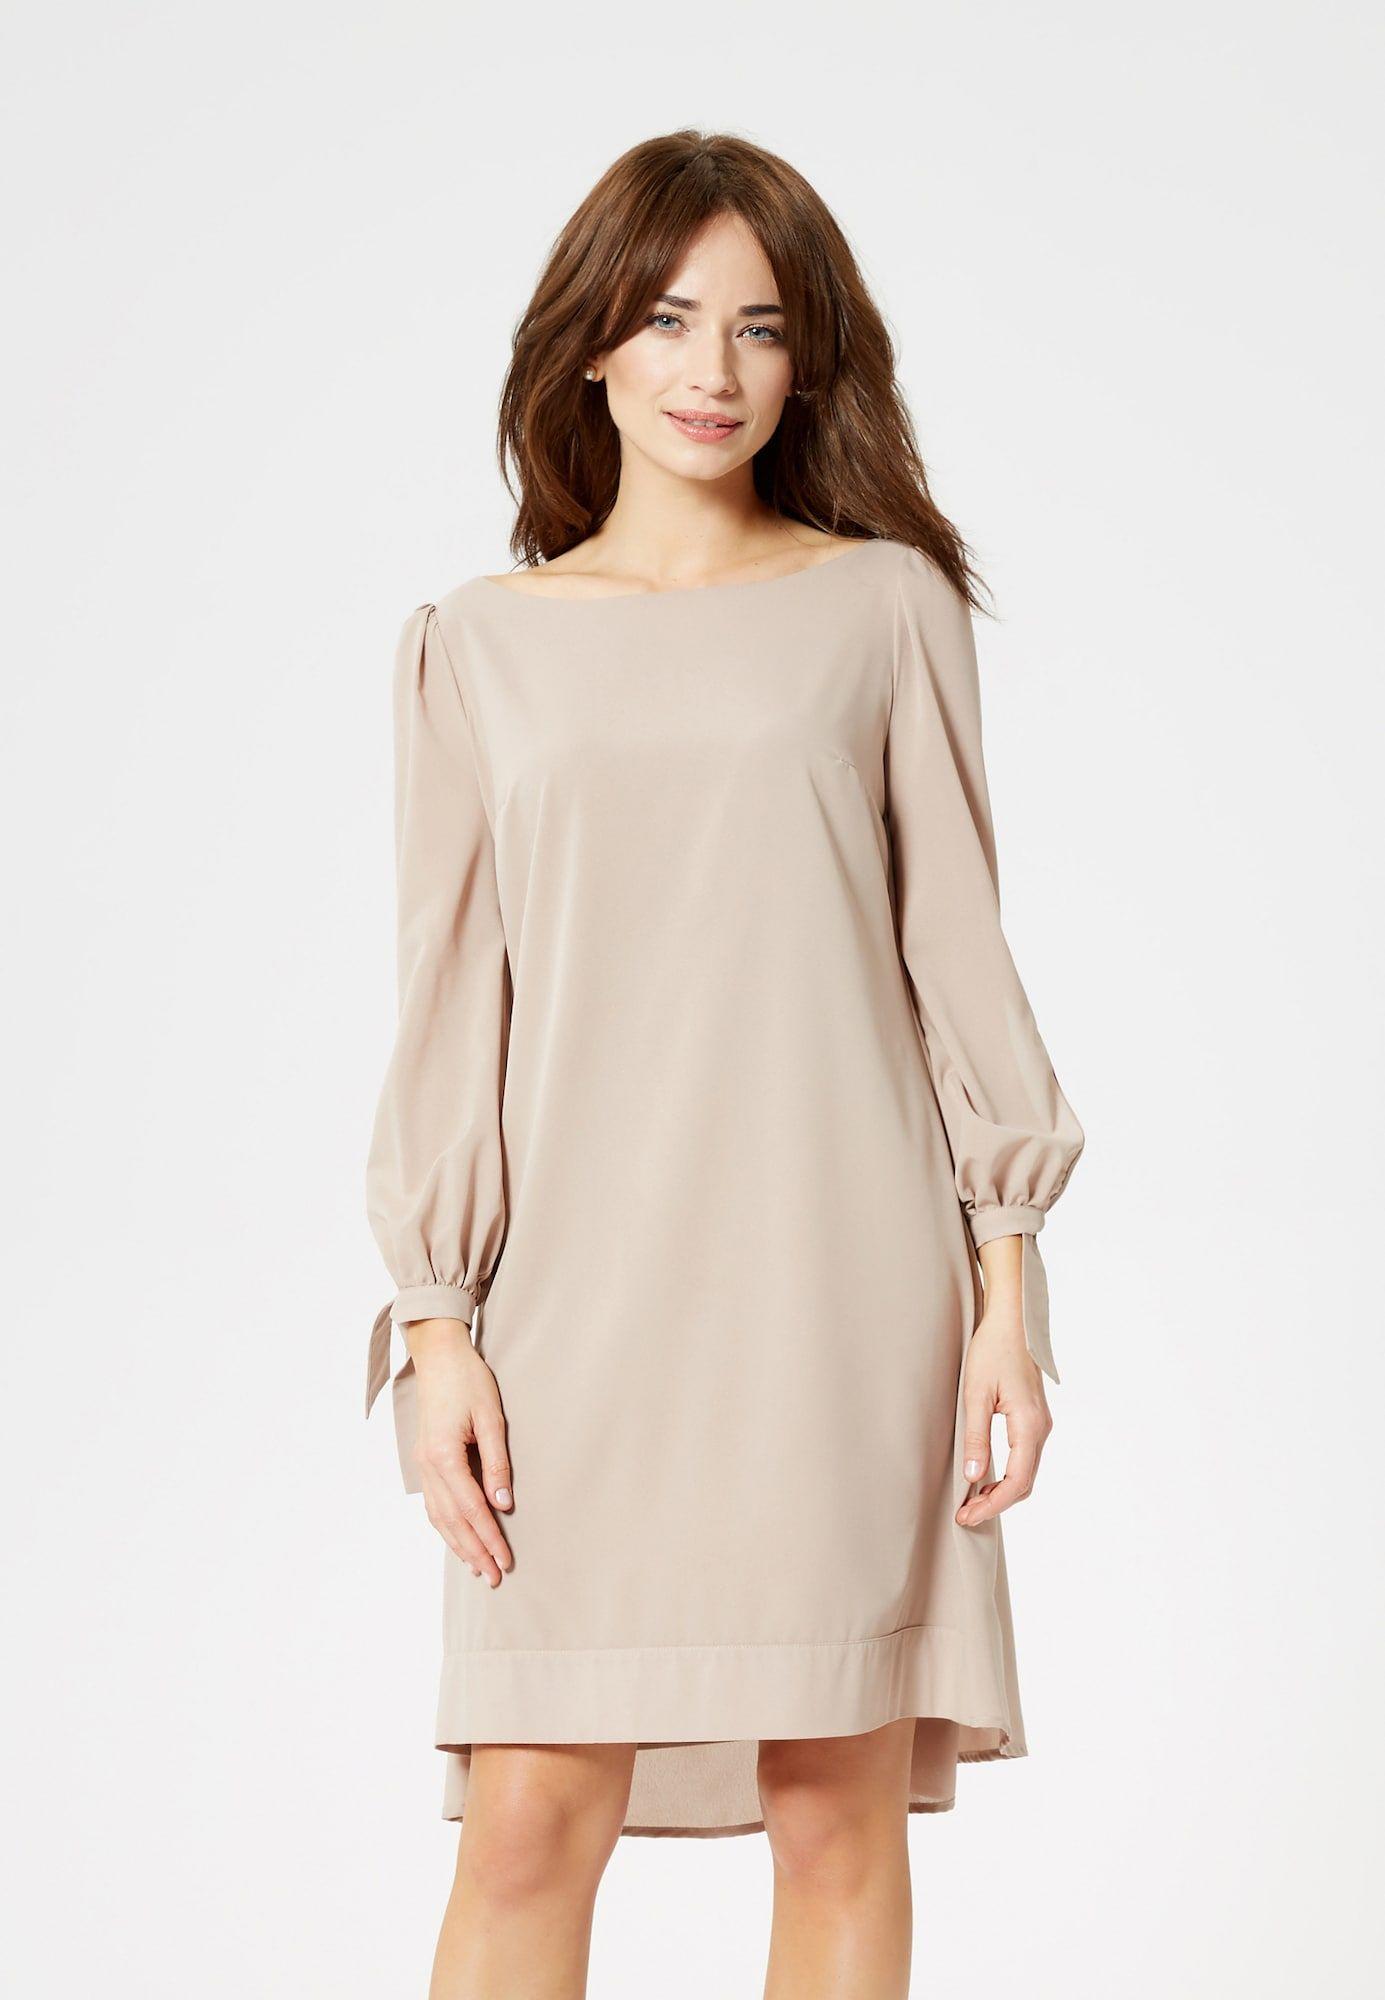 Usha Kleid Damen, Beige, Größe 13  Kleider, Modestil, Damen